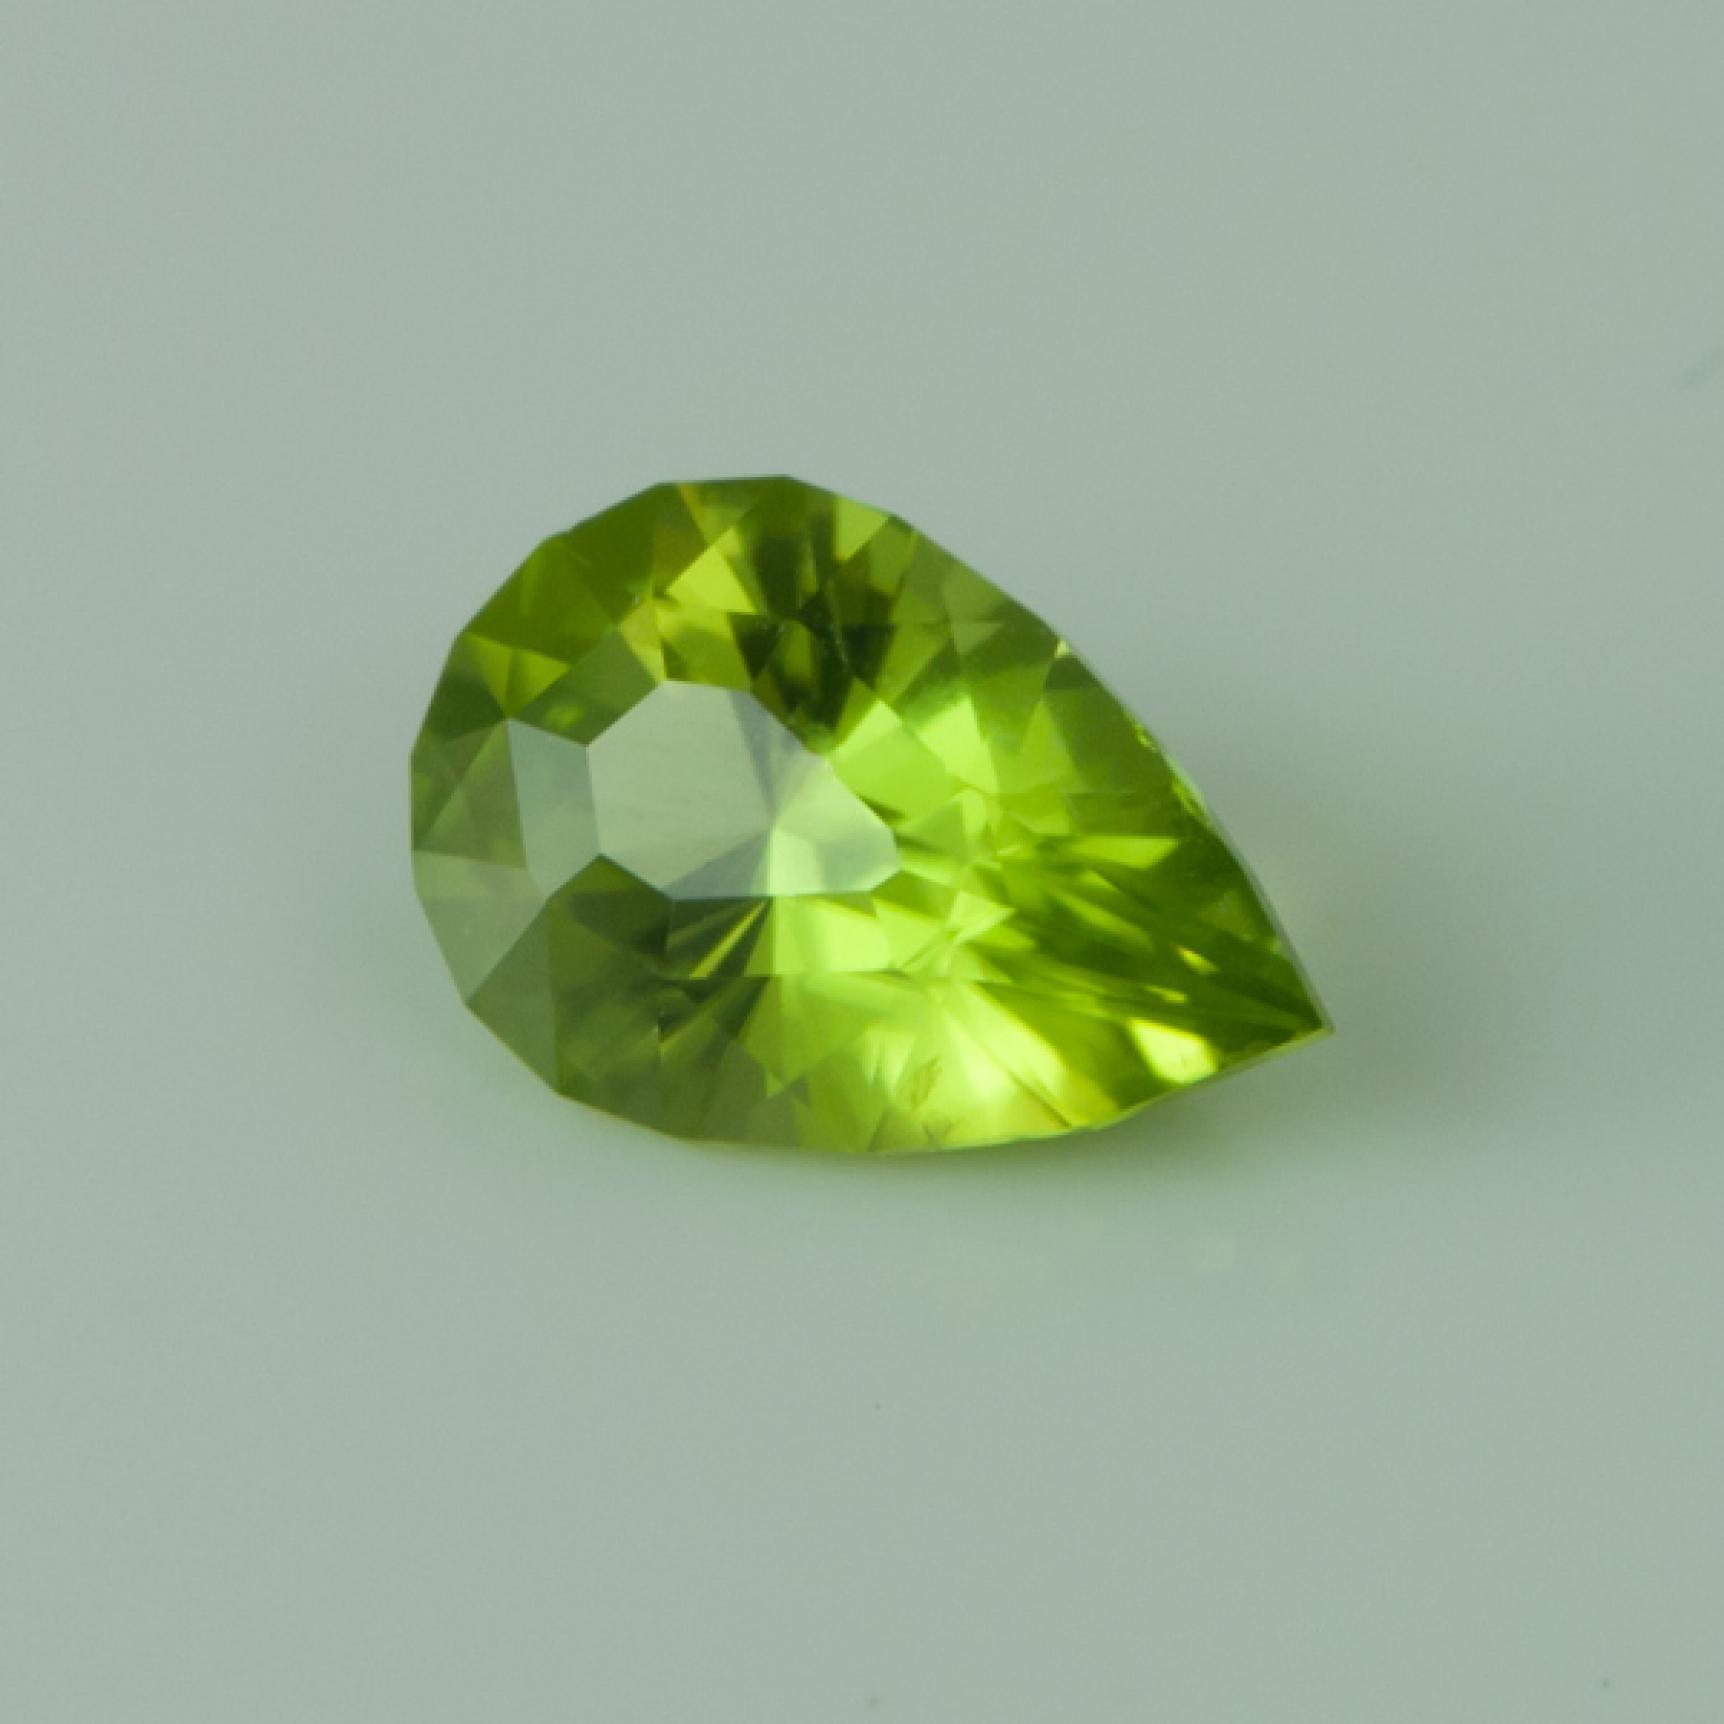 peridot march 21 2014 soulfire gems custom gem cutting